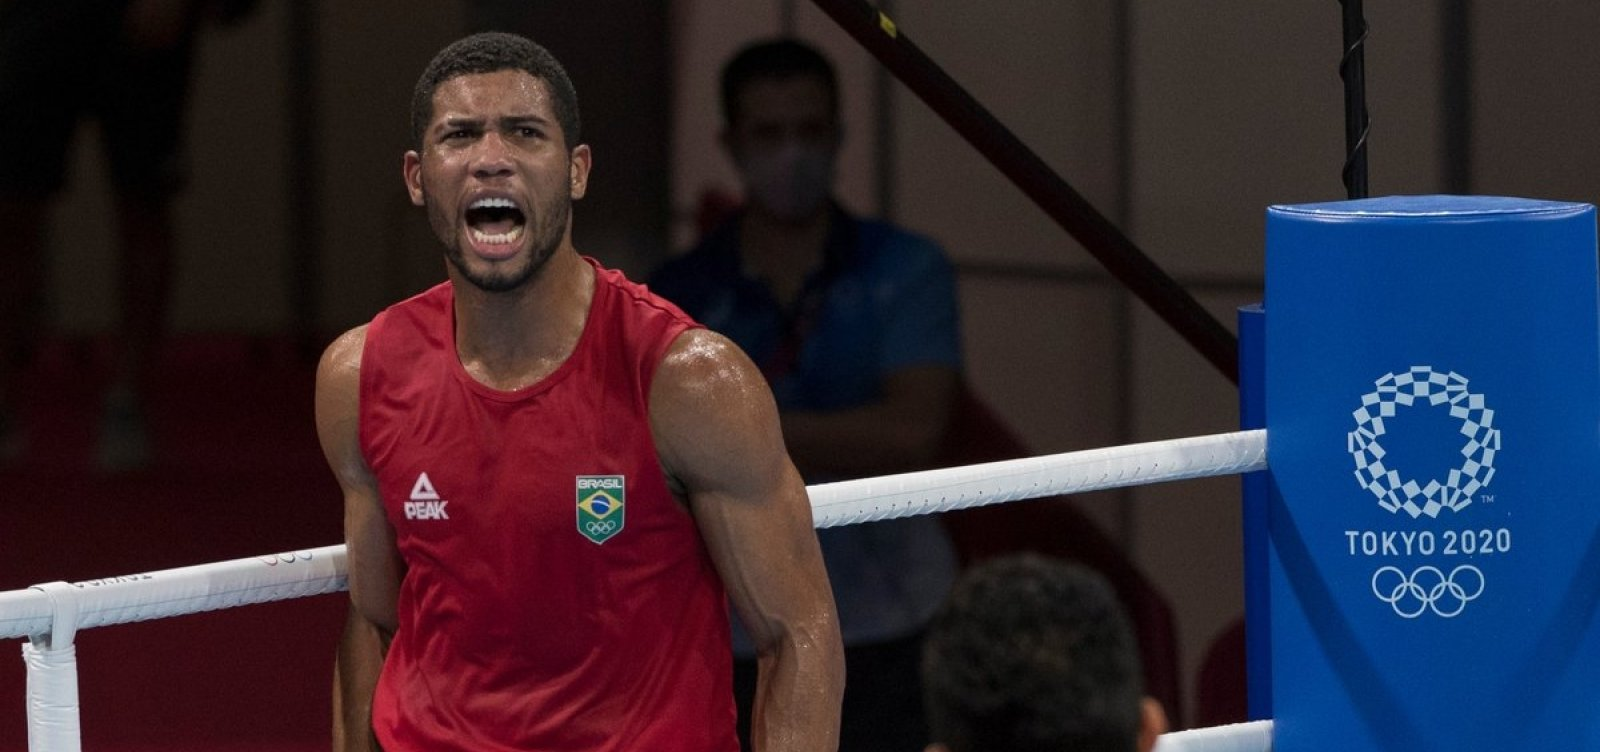 Baiano sobe ao ringue por vaga na final; confira programação das Olimpíadas